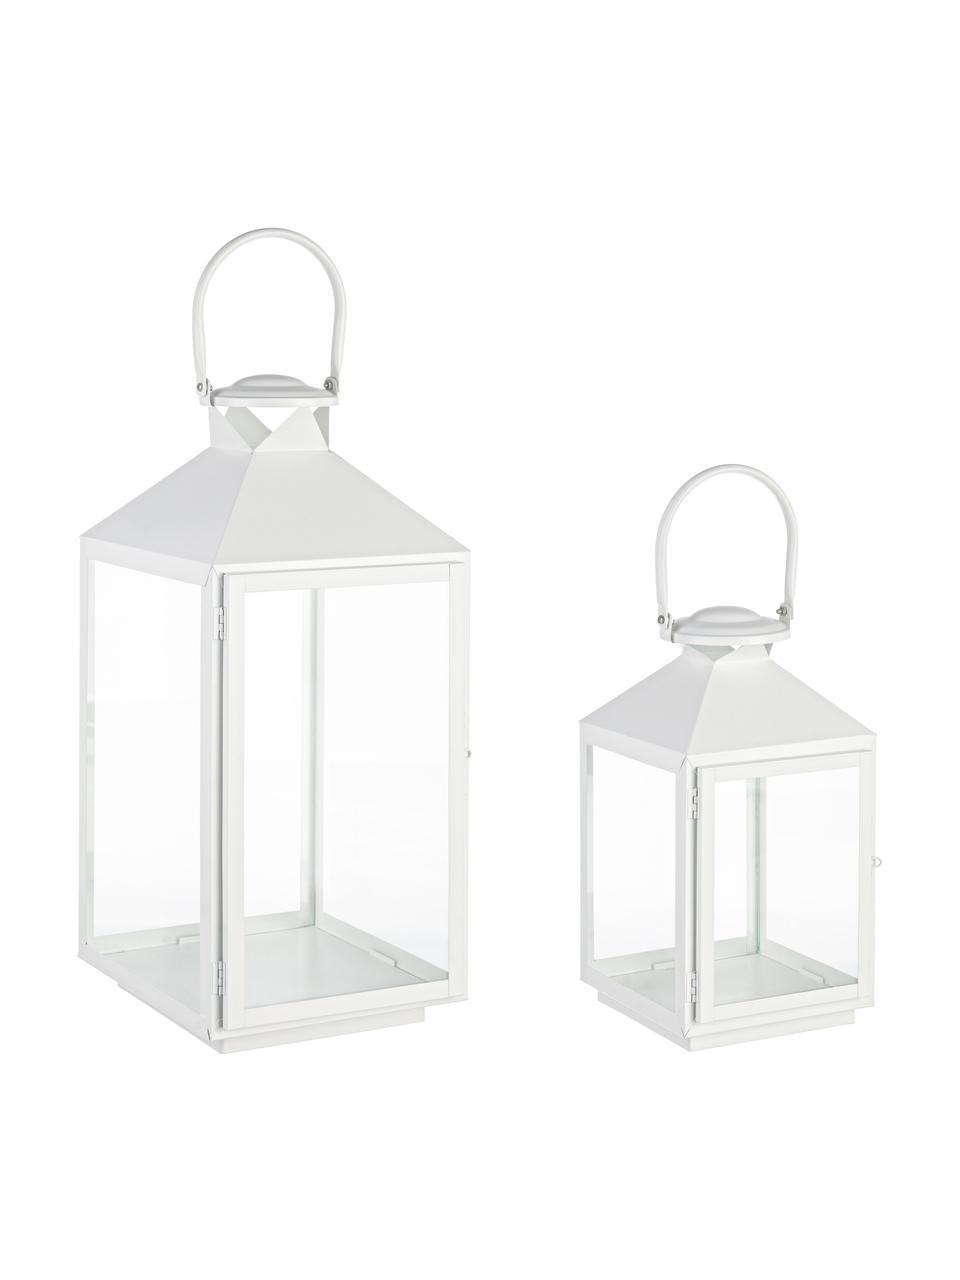 Komplet latarenek Classy, 2 elem., Stelaż: metal powlekany, Transparentny, biały, Komplet z różnymi rozmiarami